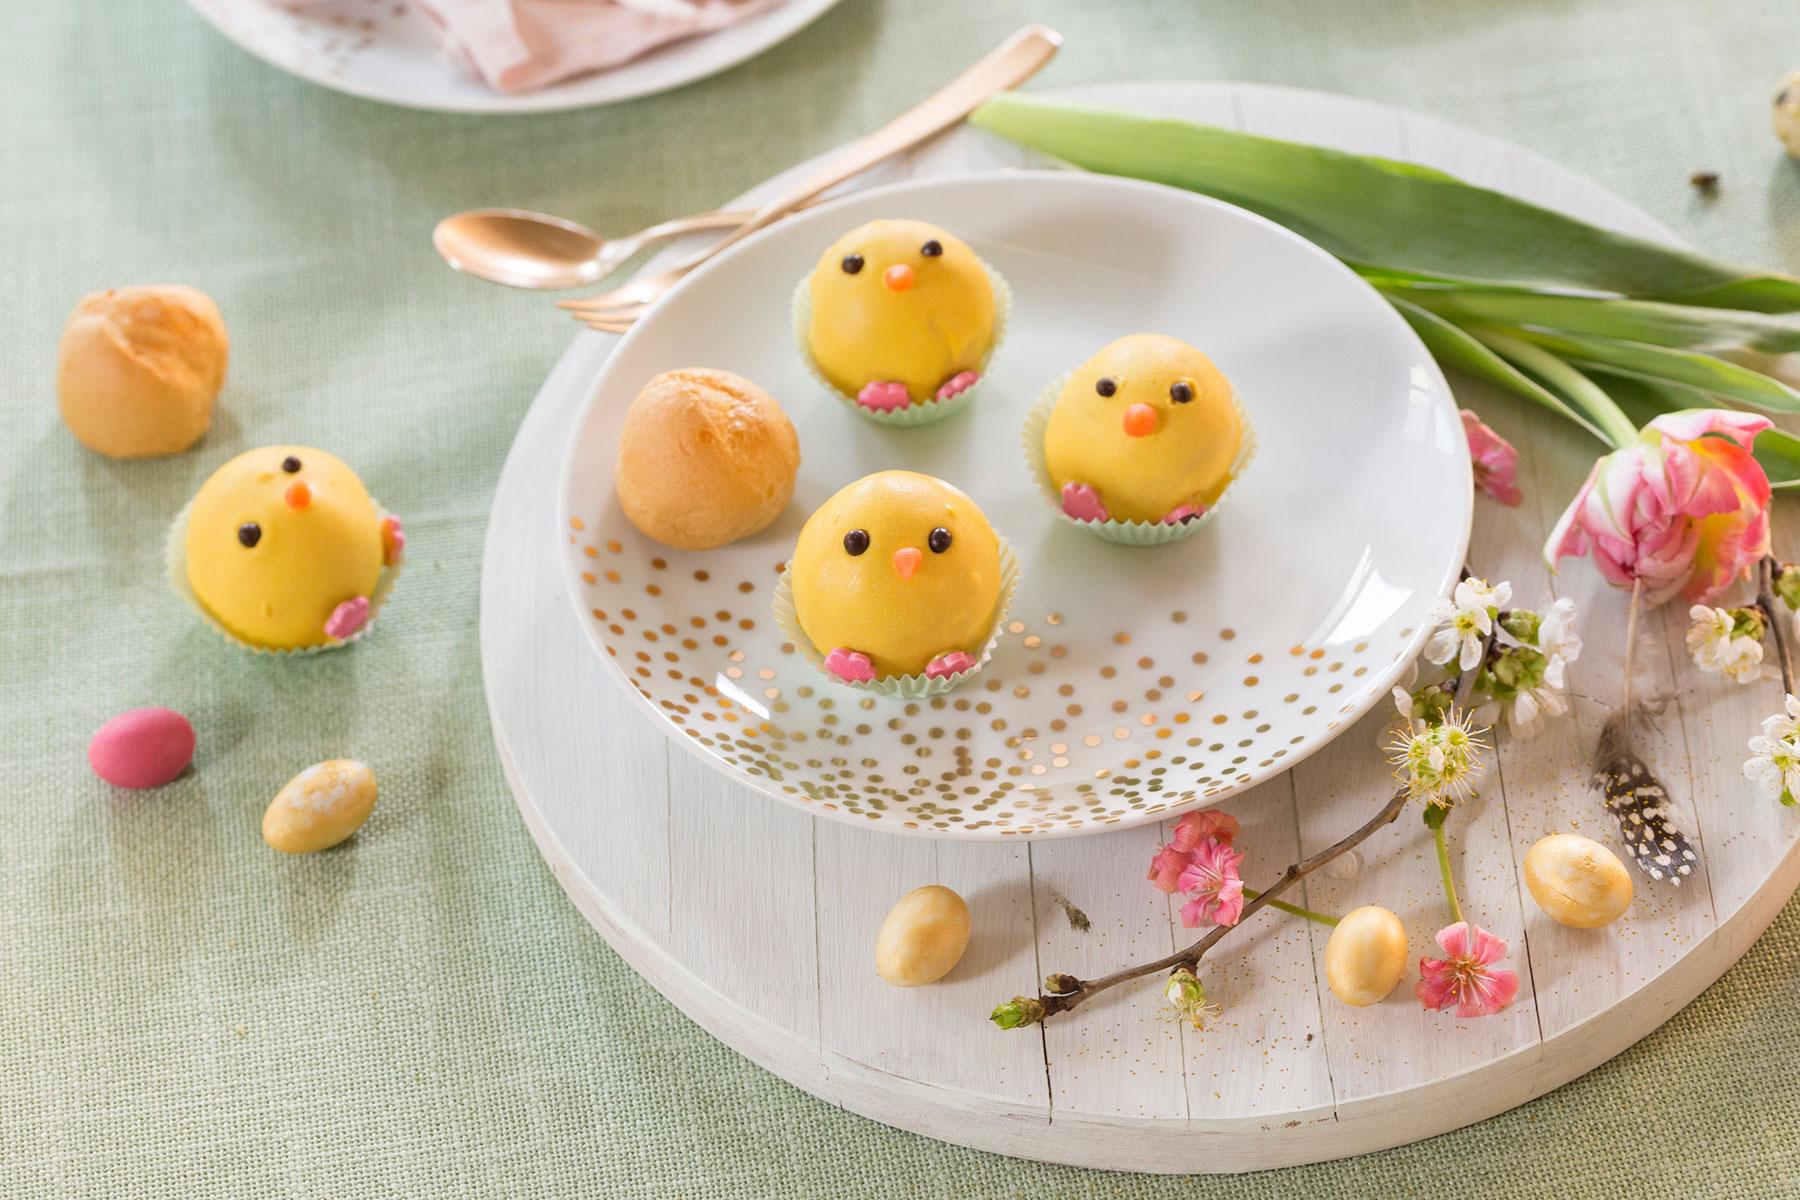 Kuchen für Ostern Rezept und Idee für niedliche Cake Pop Küken